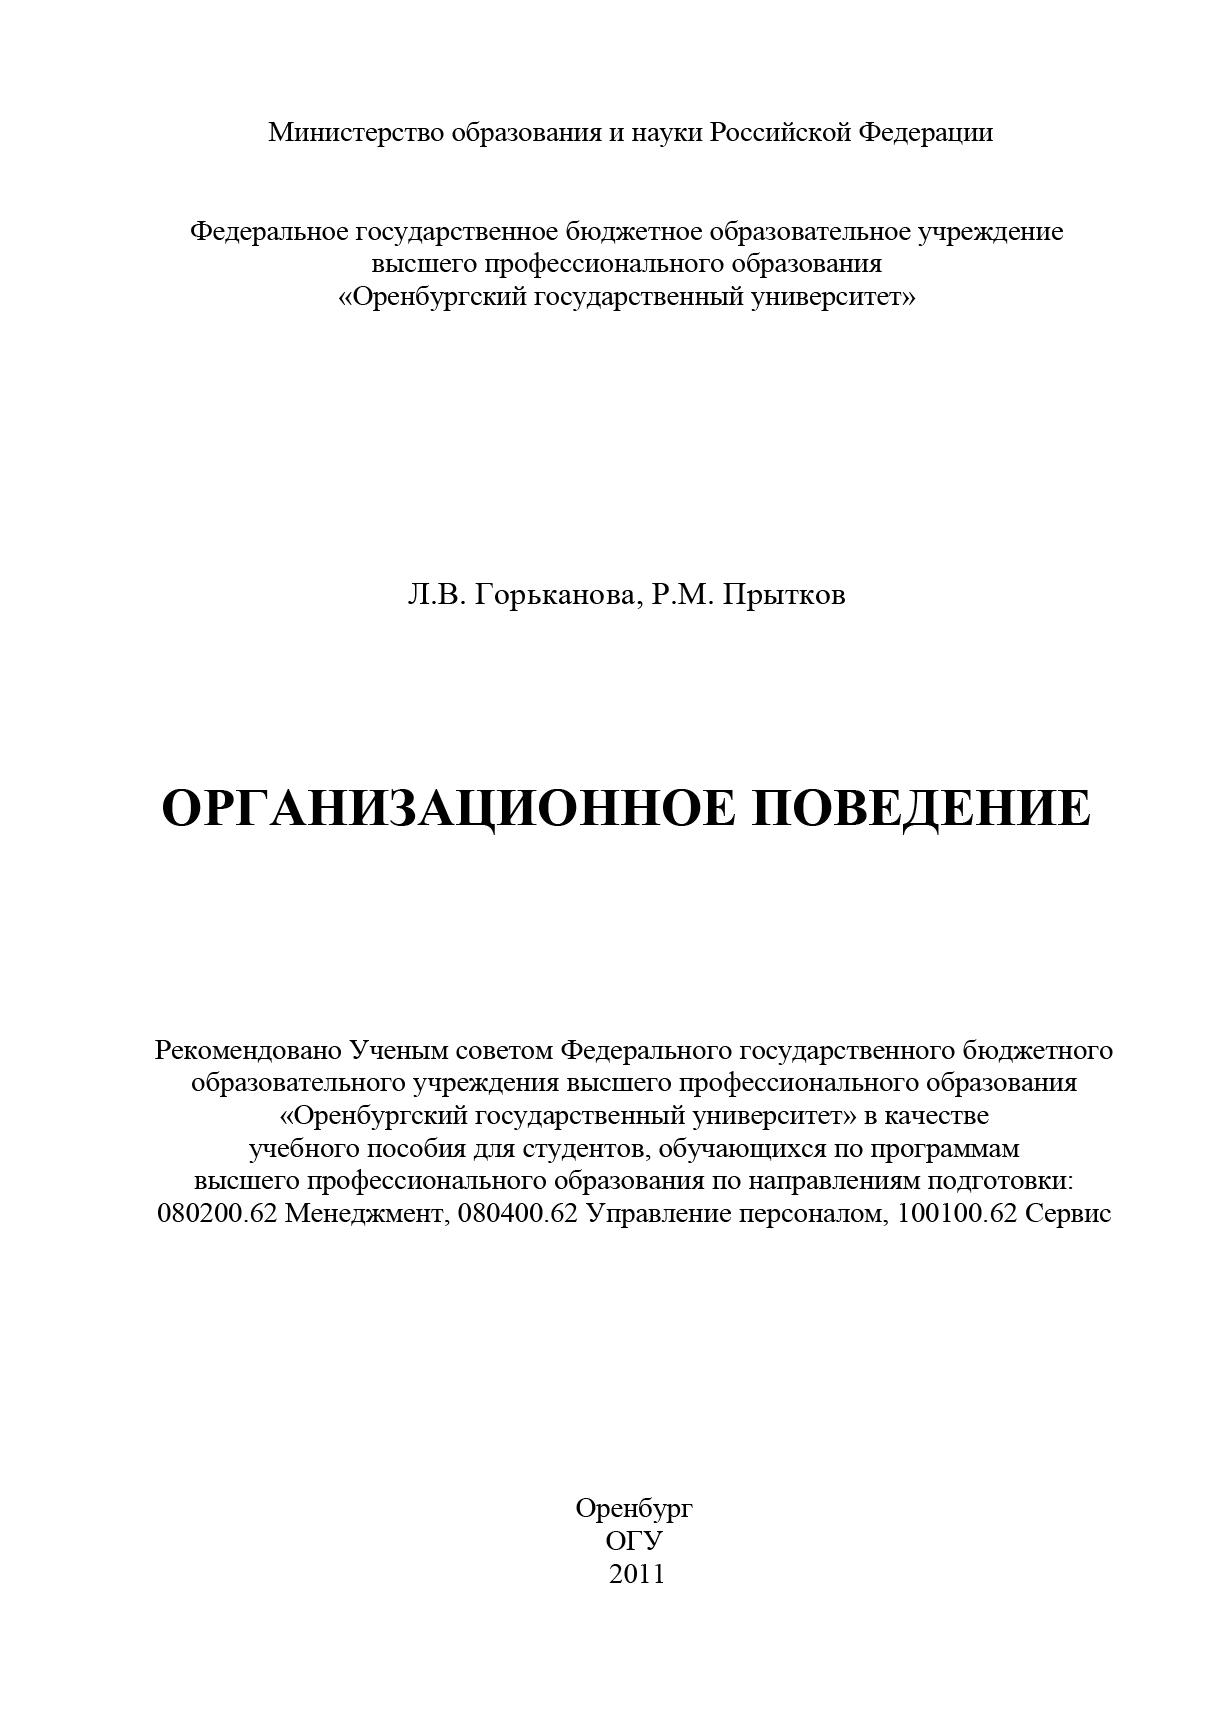 Л. В. Горьканова Организационное поведение